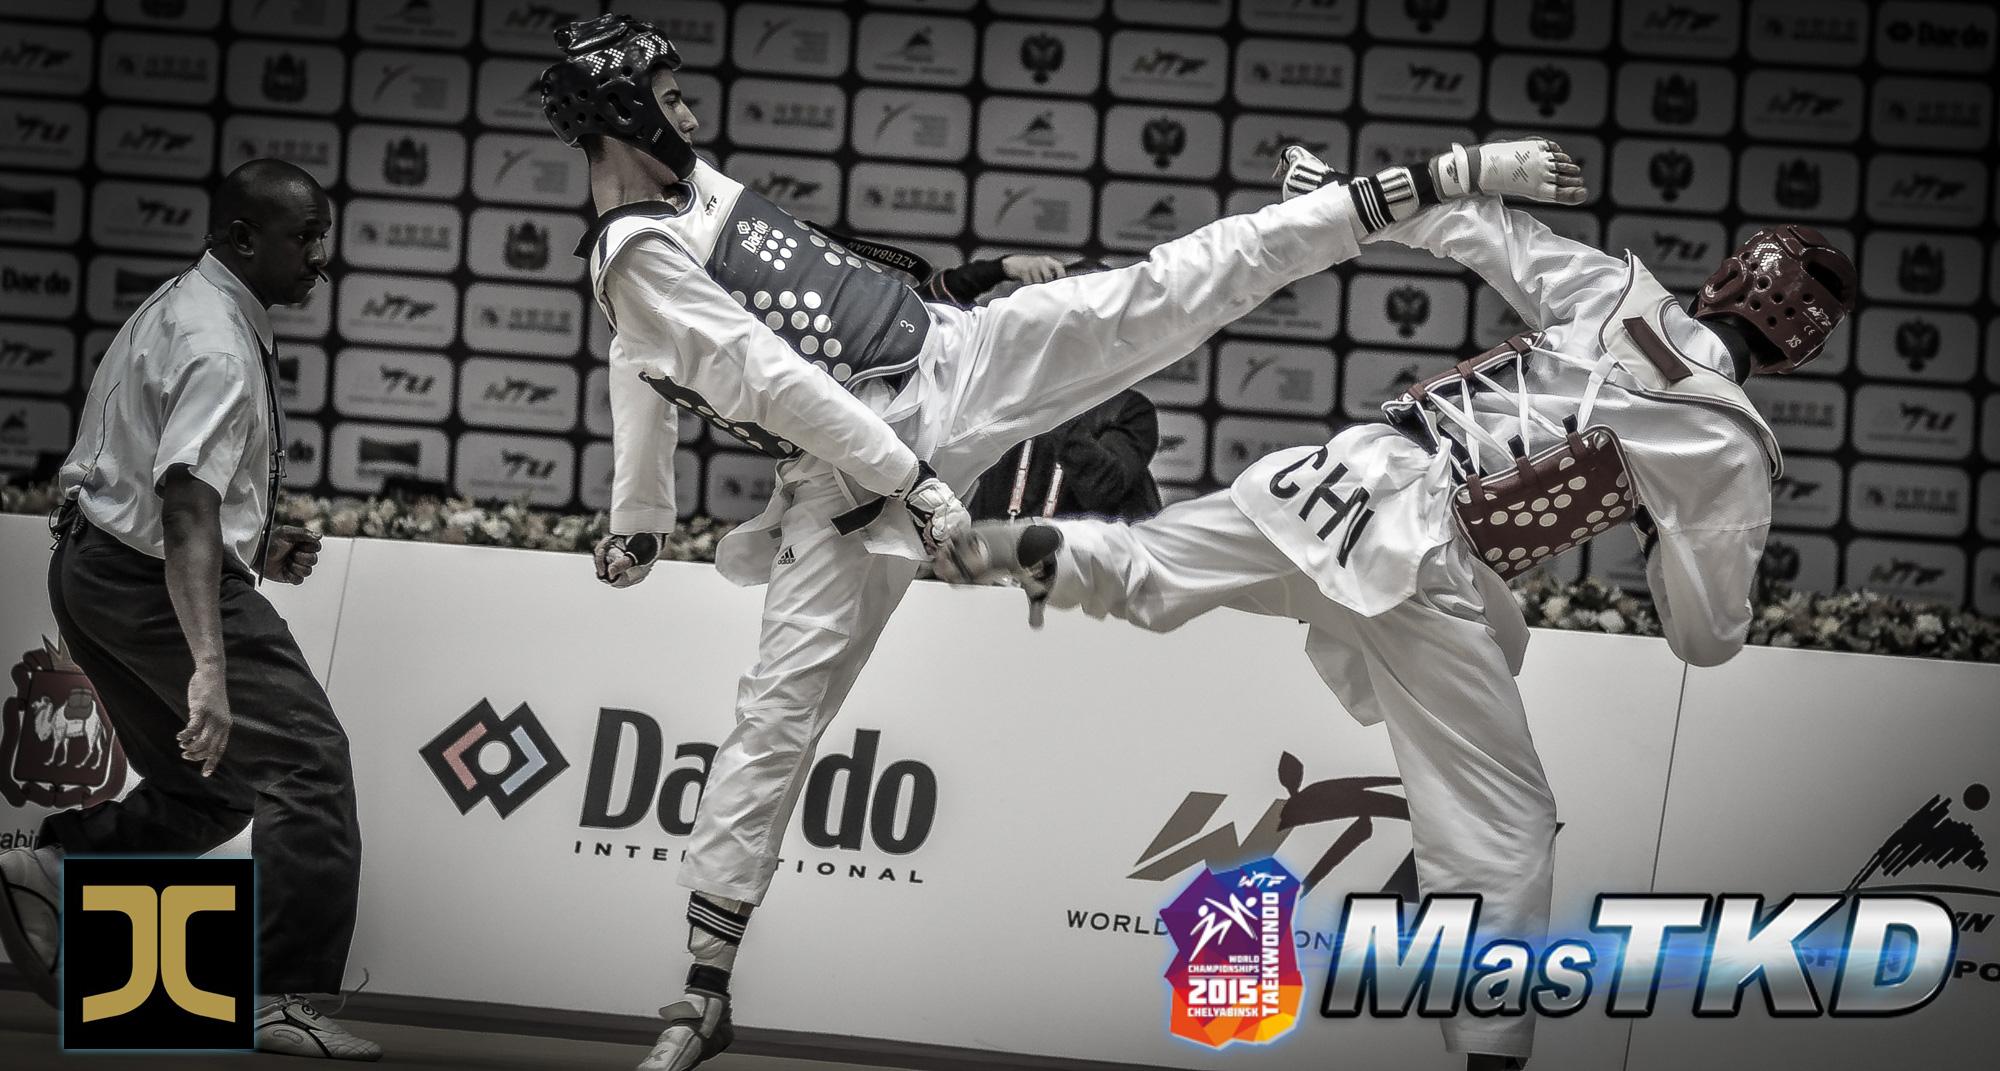 09_20150512_Taekwondo-Mundial_JC-Seleccion_D1